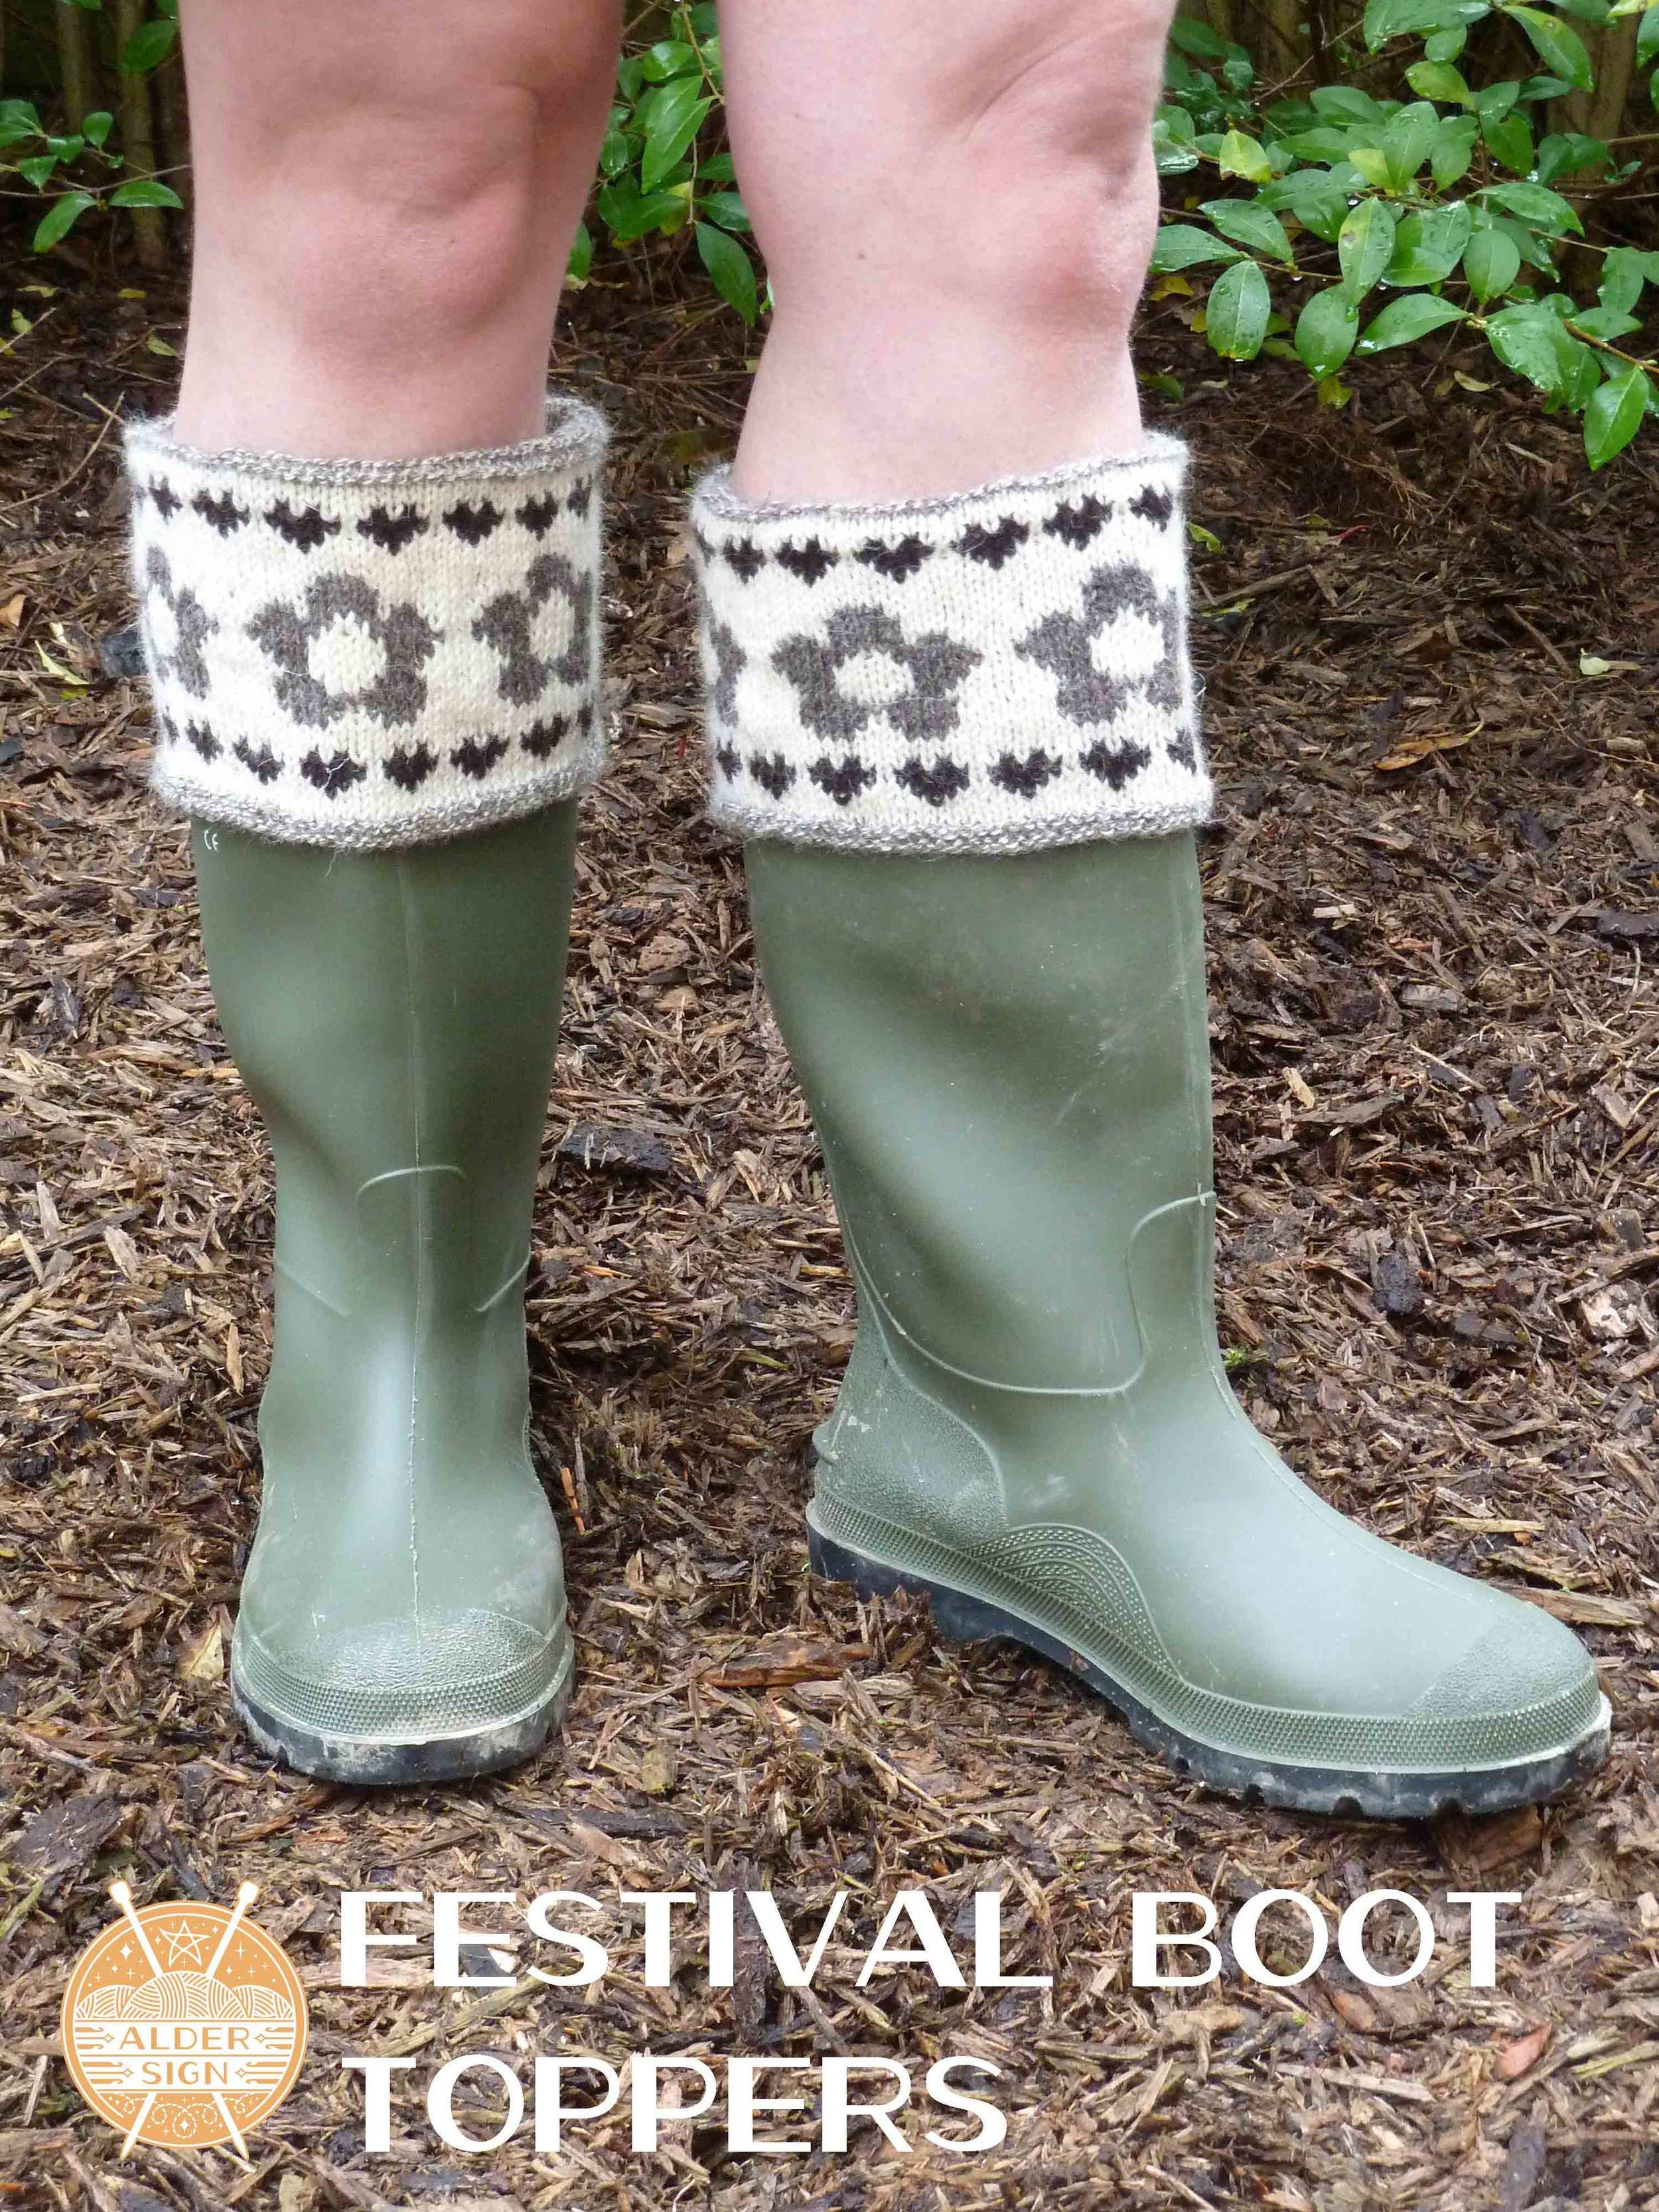 Festival-Boot-Toppers-logo2.jpg